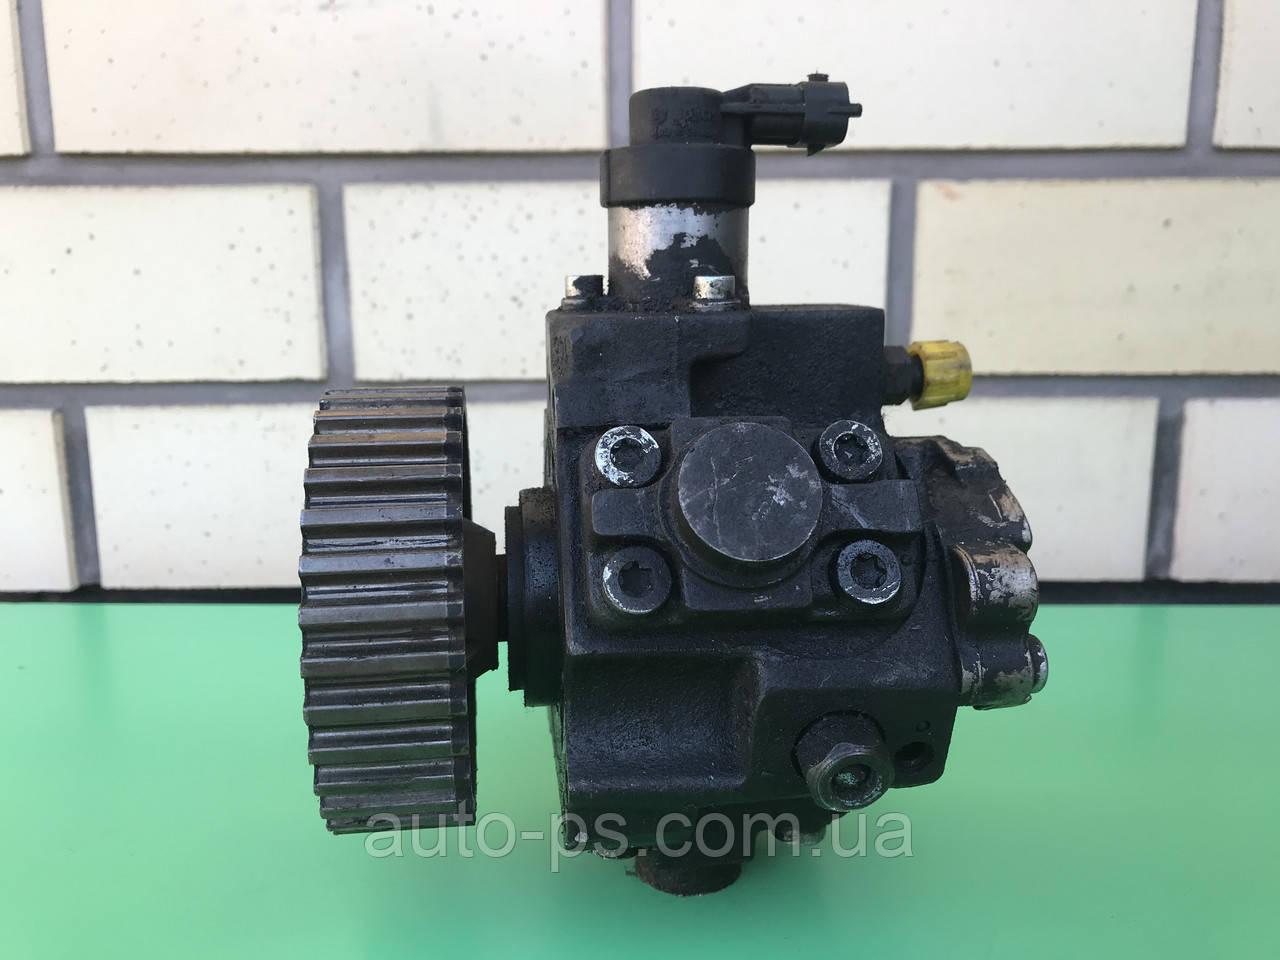 Топливный насос высокого давления (ТНВД) Peugeot 3008 1.6HDI